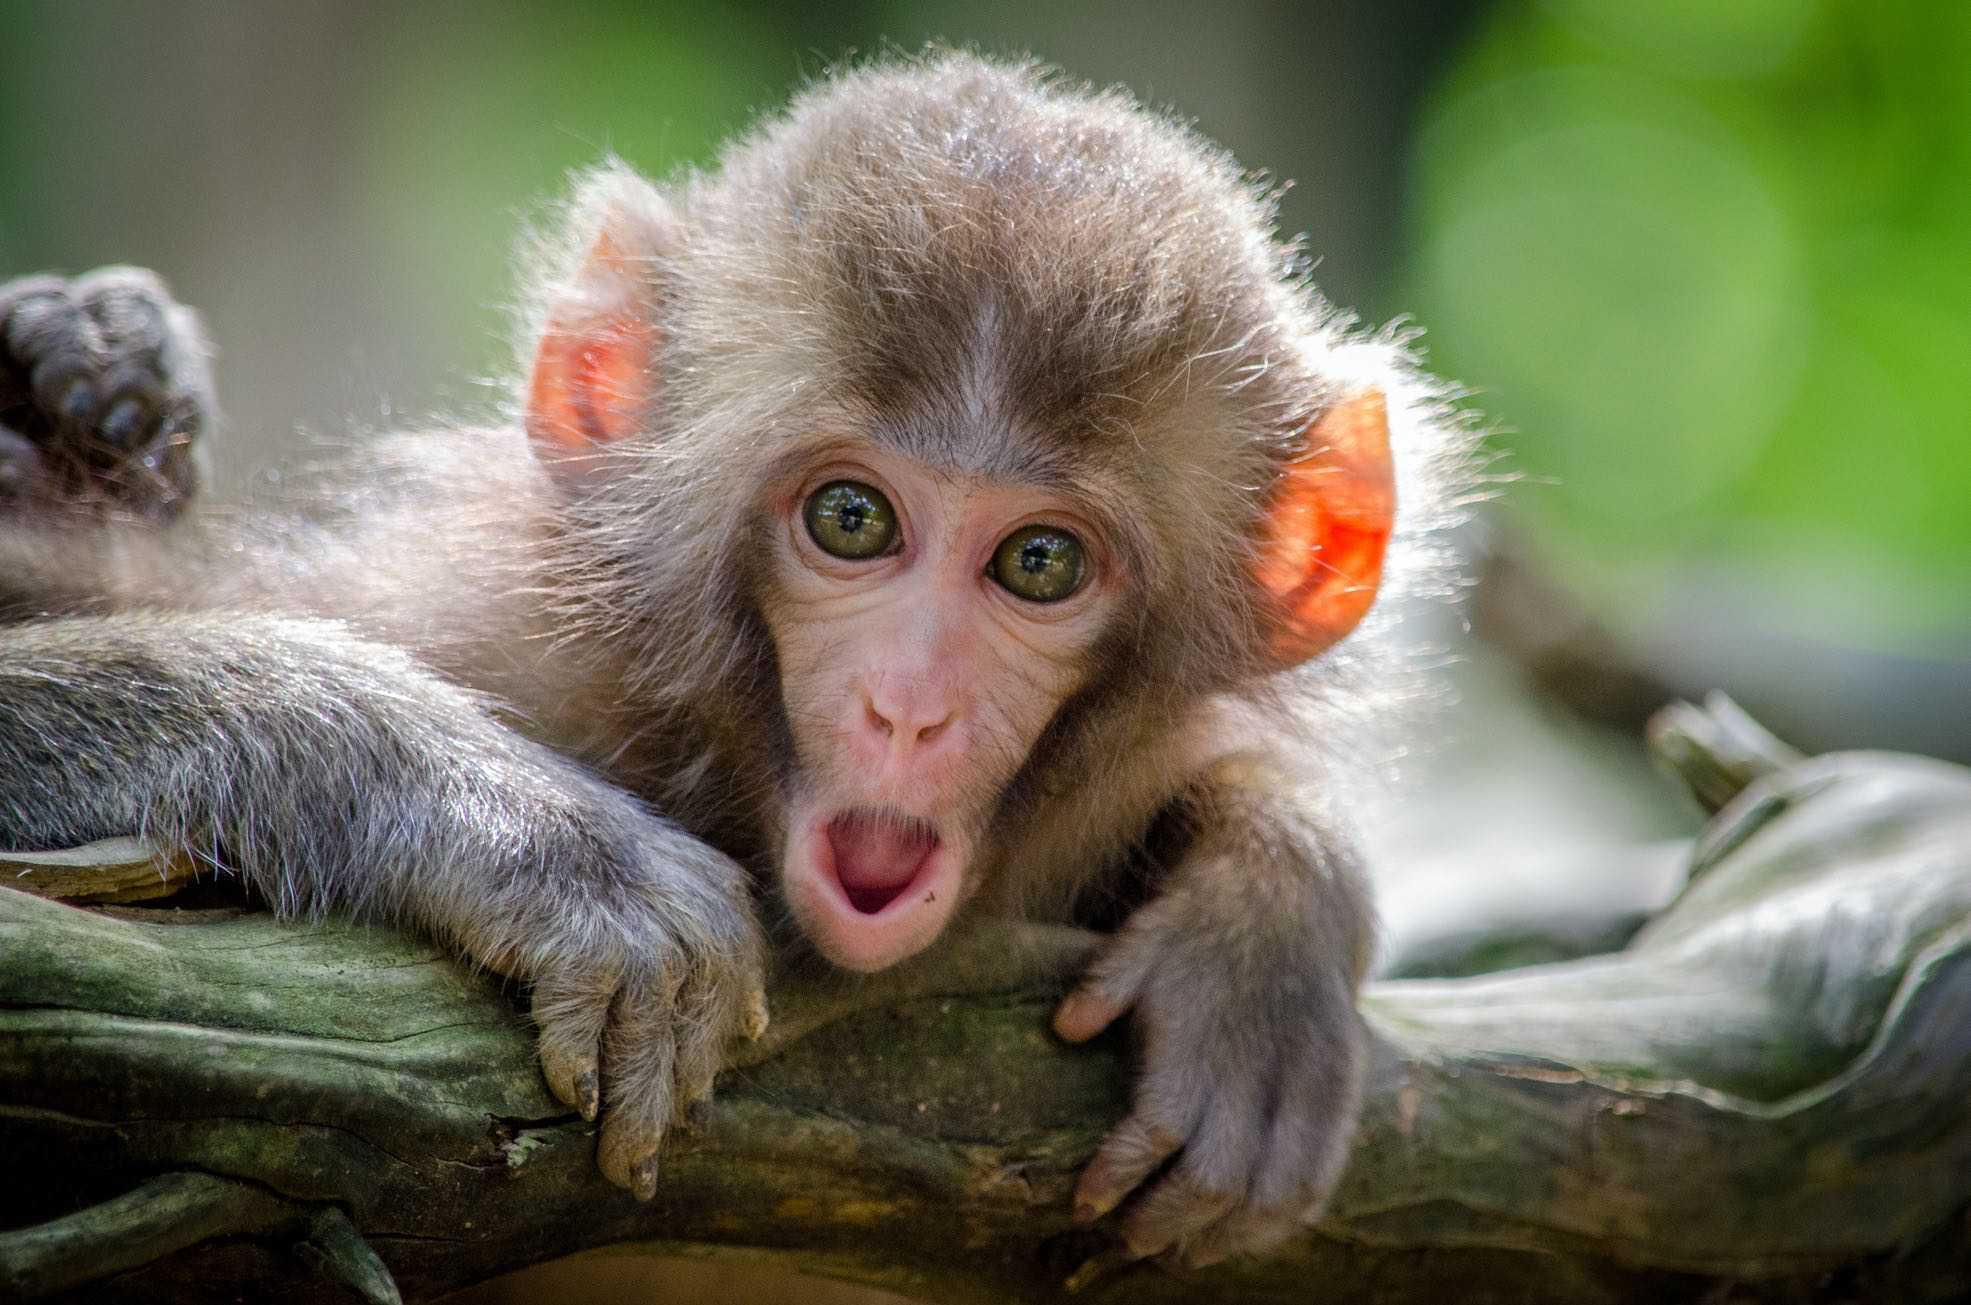 """""""Affe"""" ist zB eine Beleidigung, die zu einer Anzeige führen kann"""